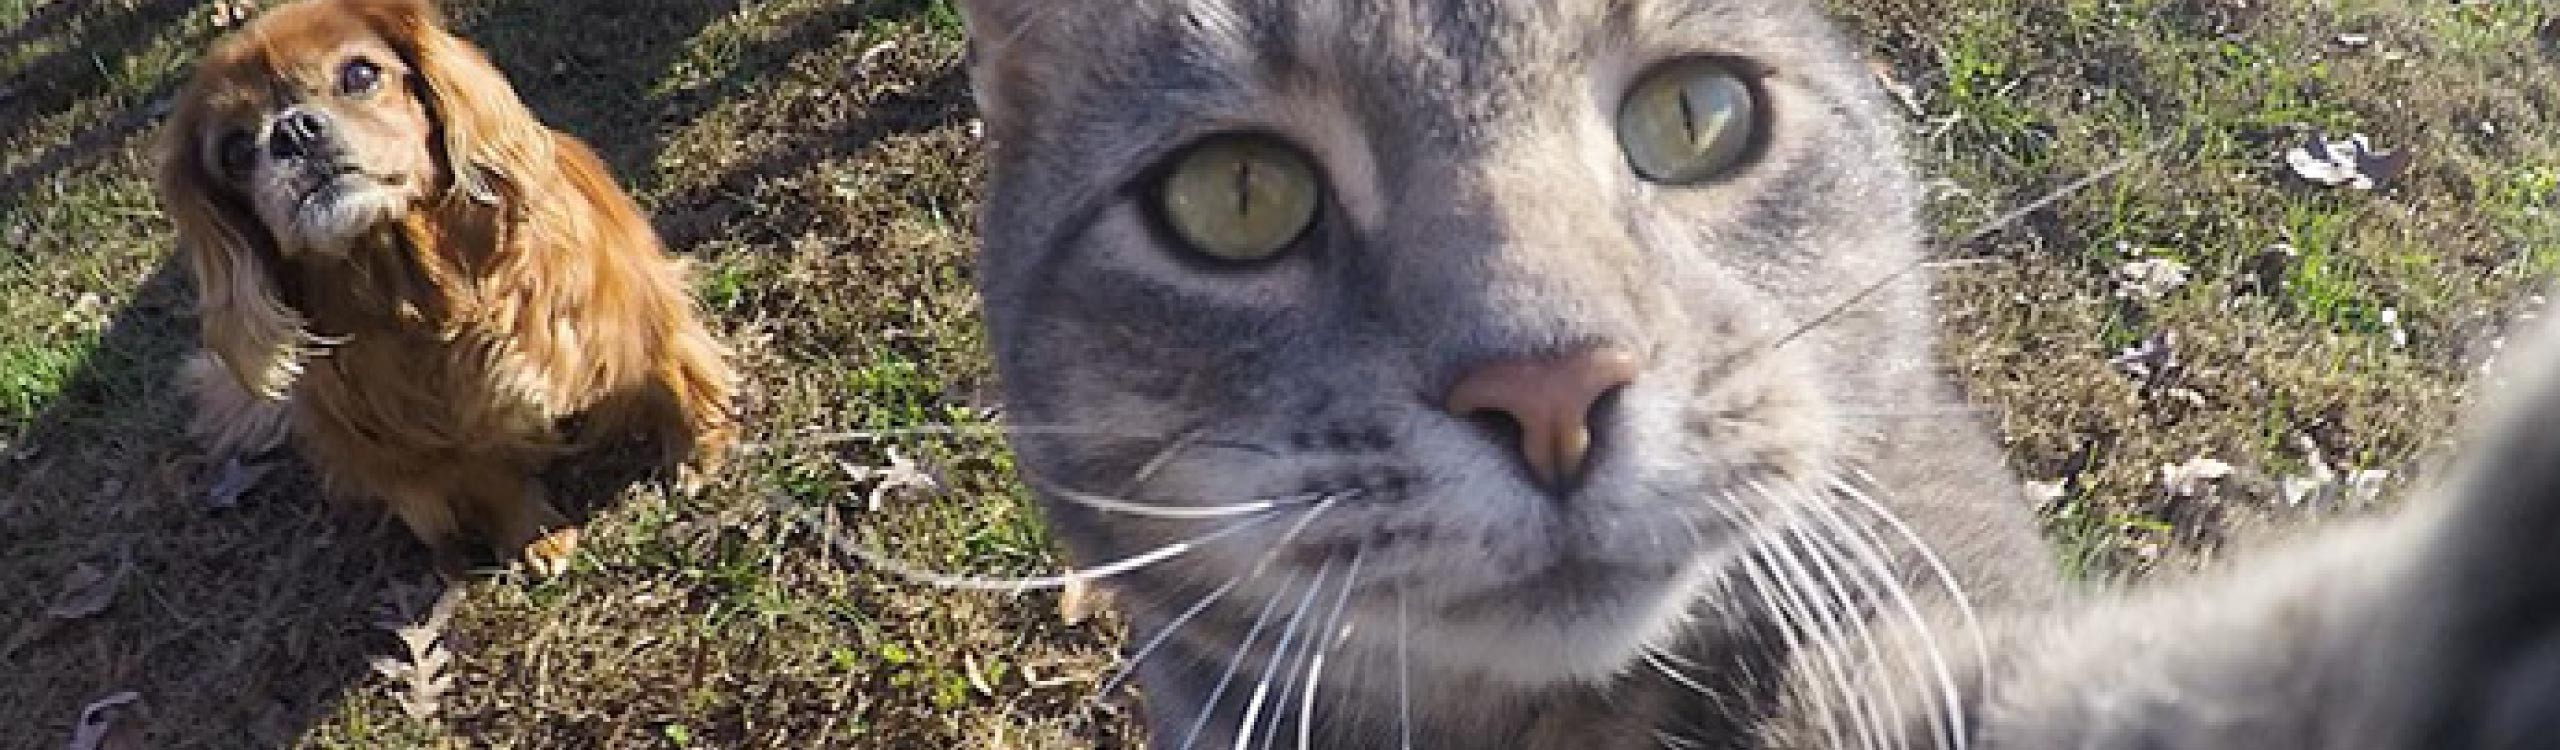 este gato usa una cámara gopro para hacerse selfies